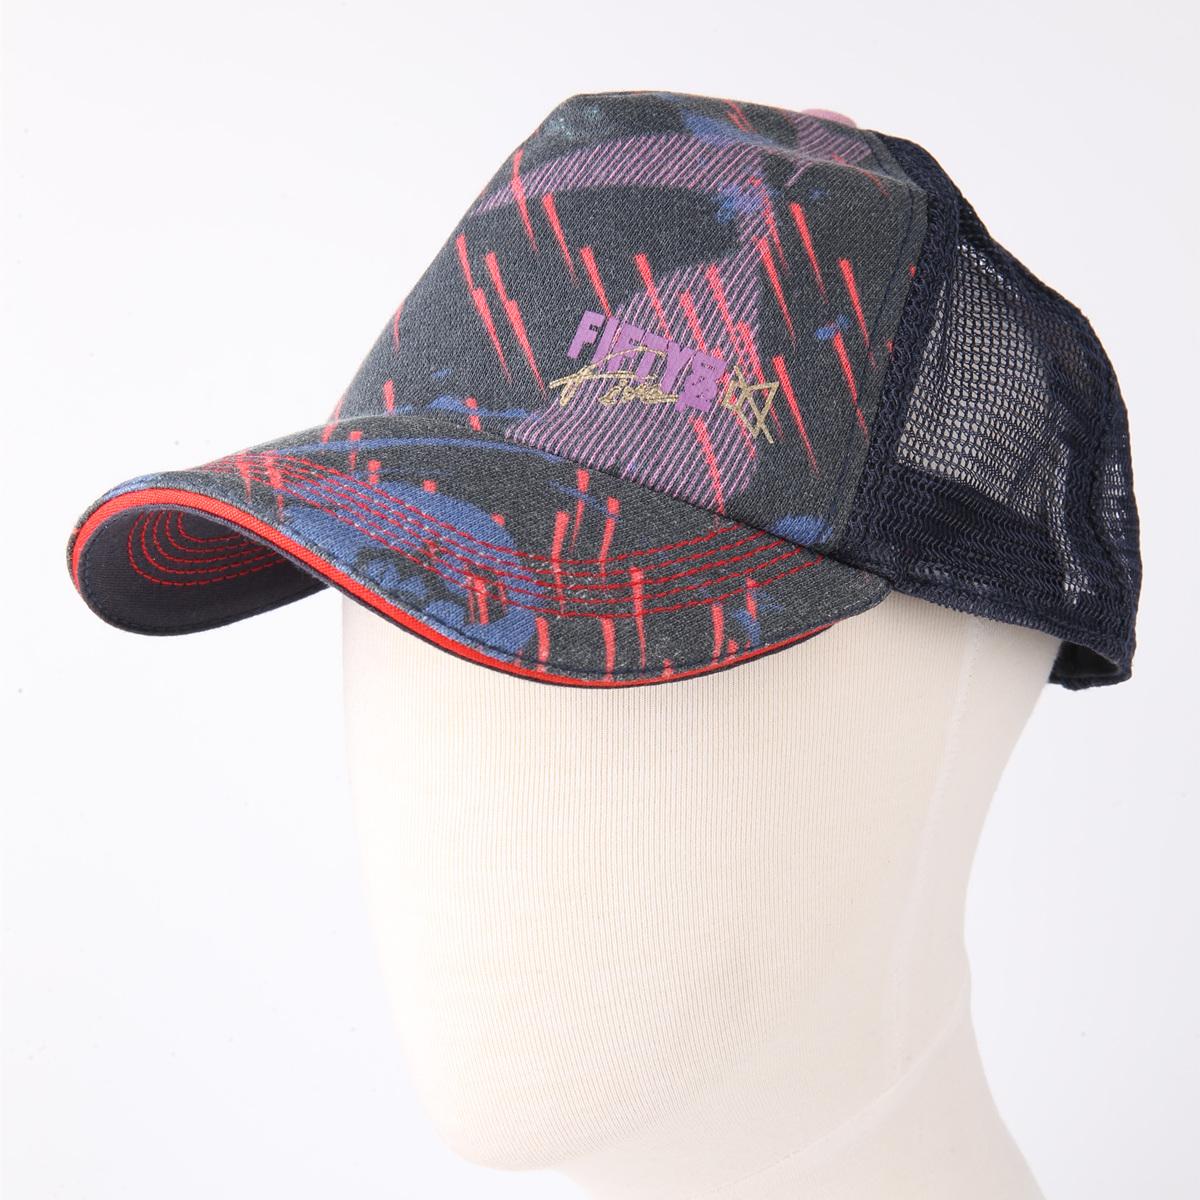 【包邮】棒球帽 潮牌独家正品设计师限量款 55DSL 有吊牌 幻彩024